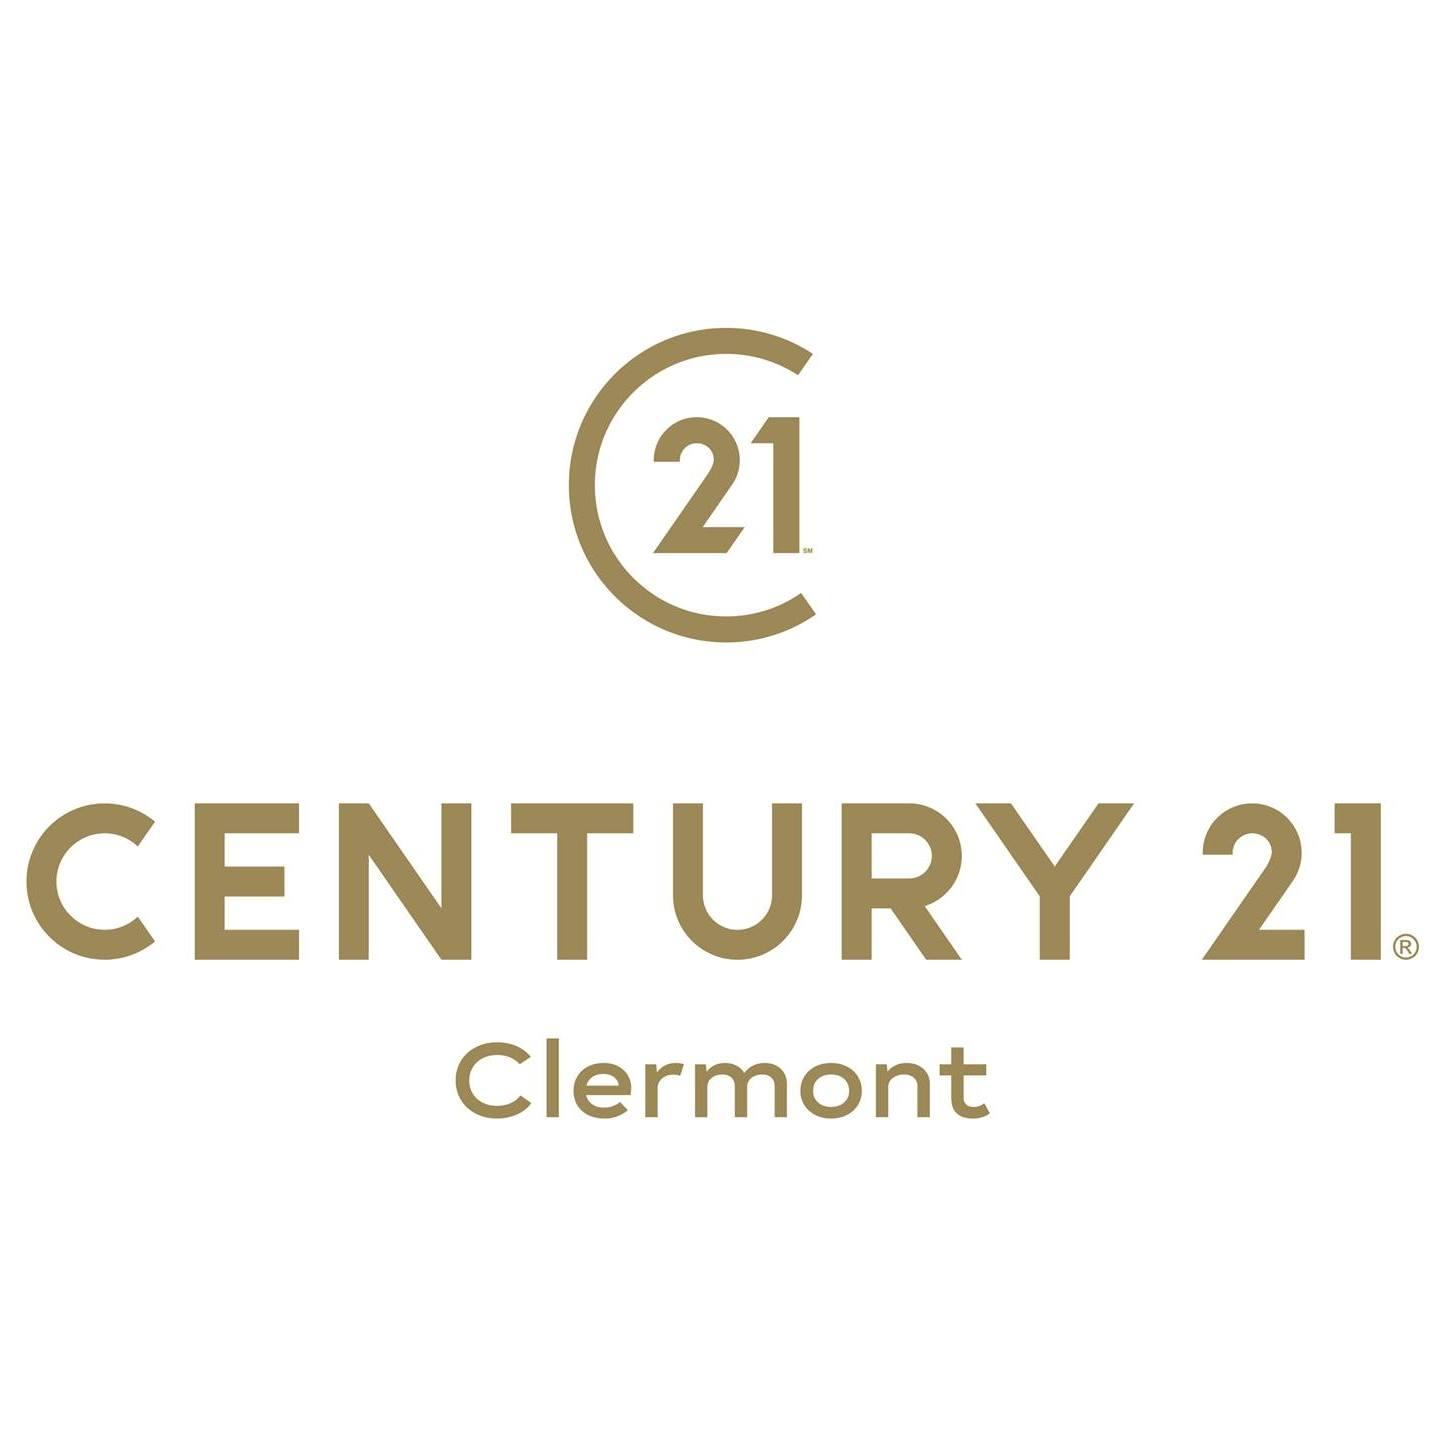 C21 clermont